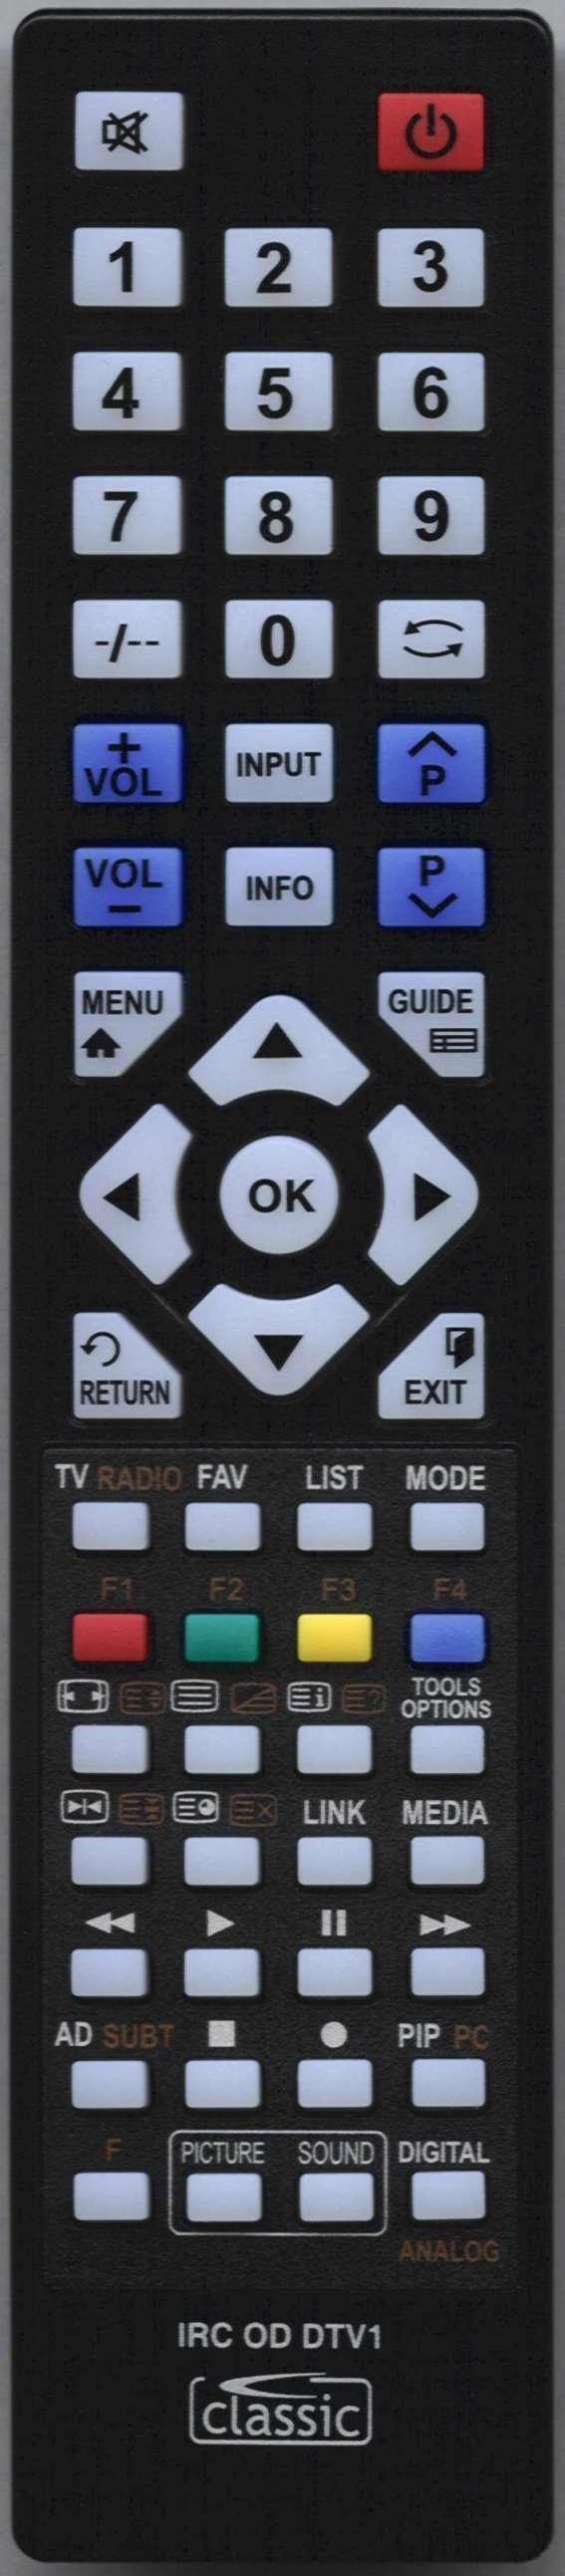 POLAROID P55UP0277A Remote Control Alternative